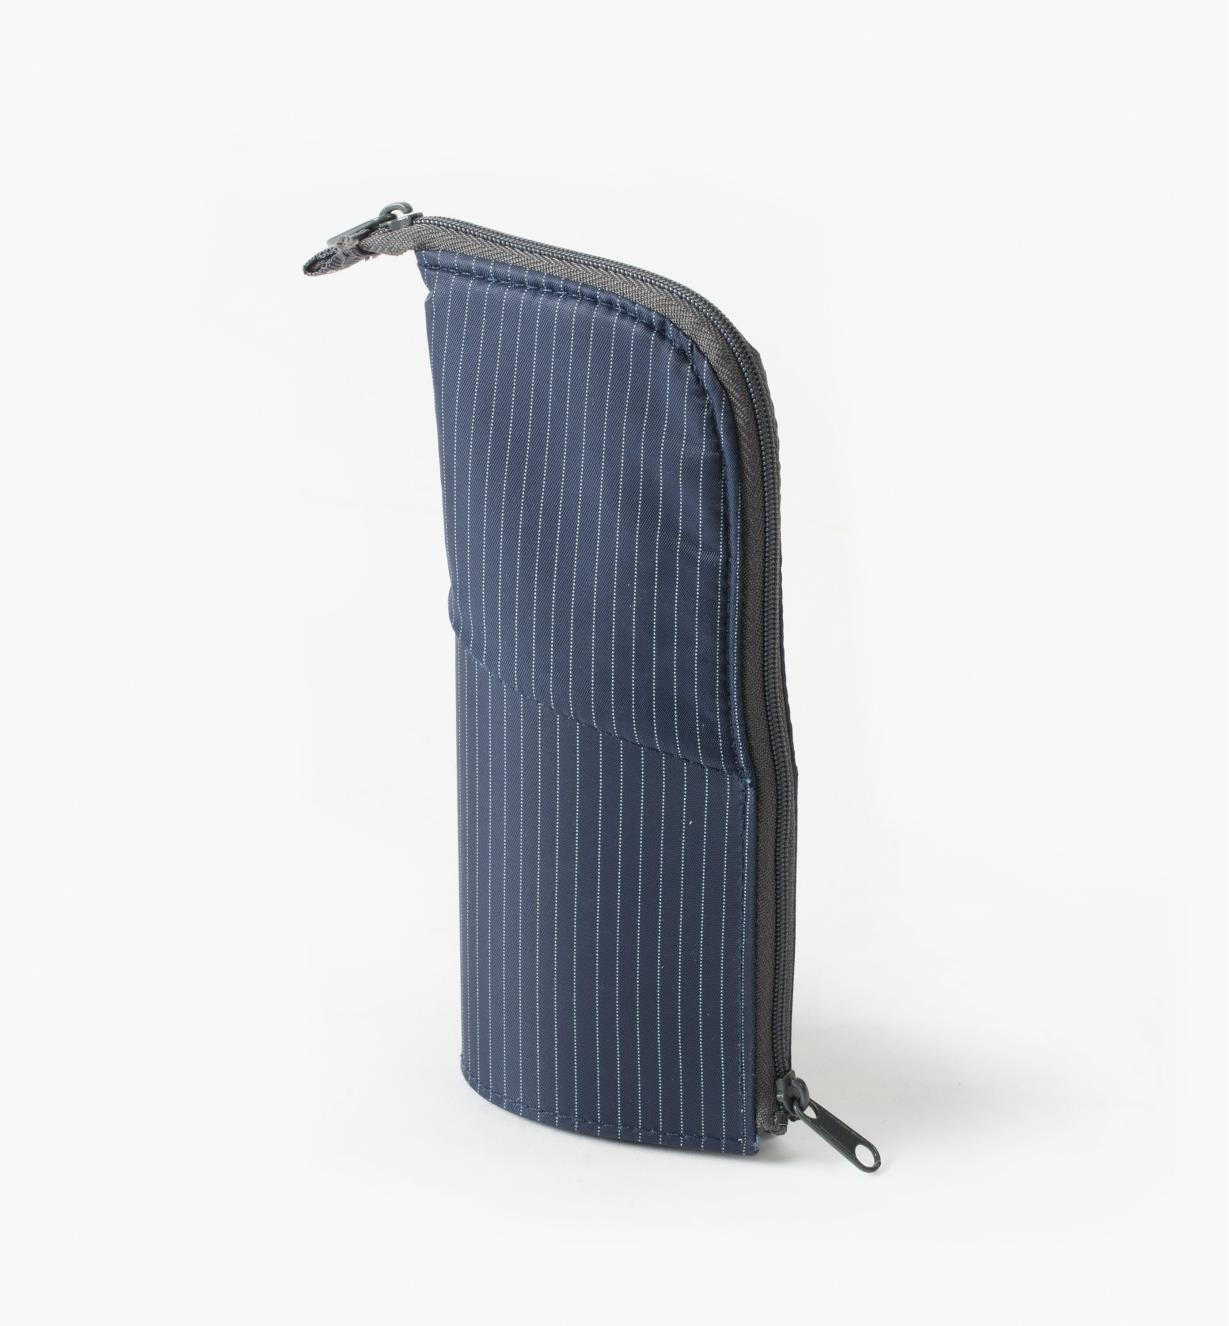 83U0416 - Stand-Up Pencil Case